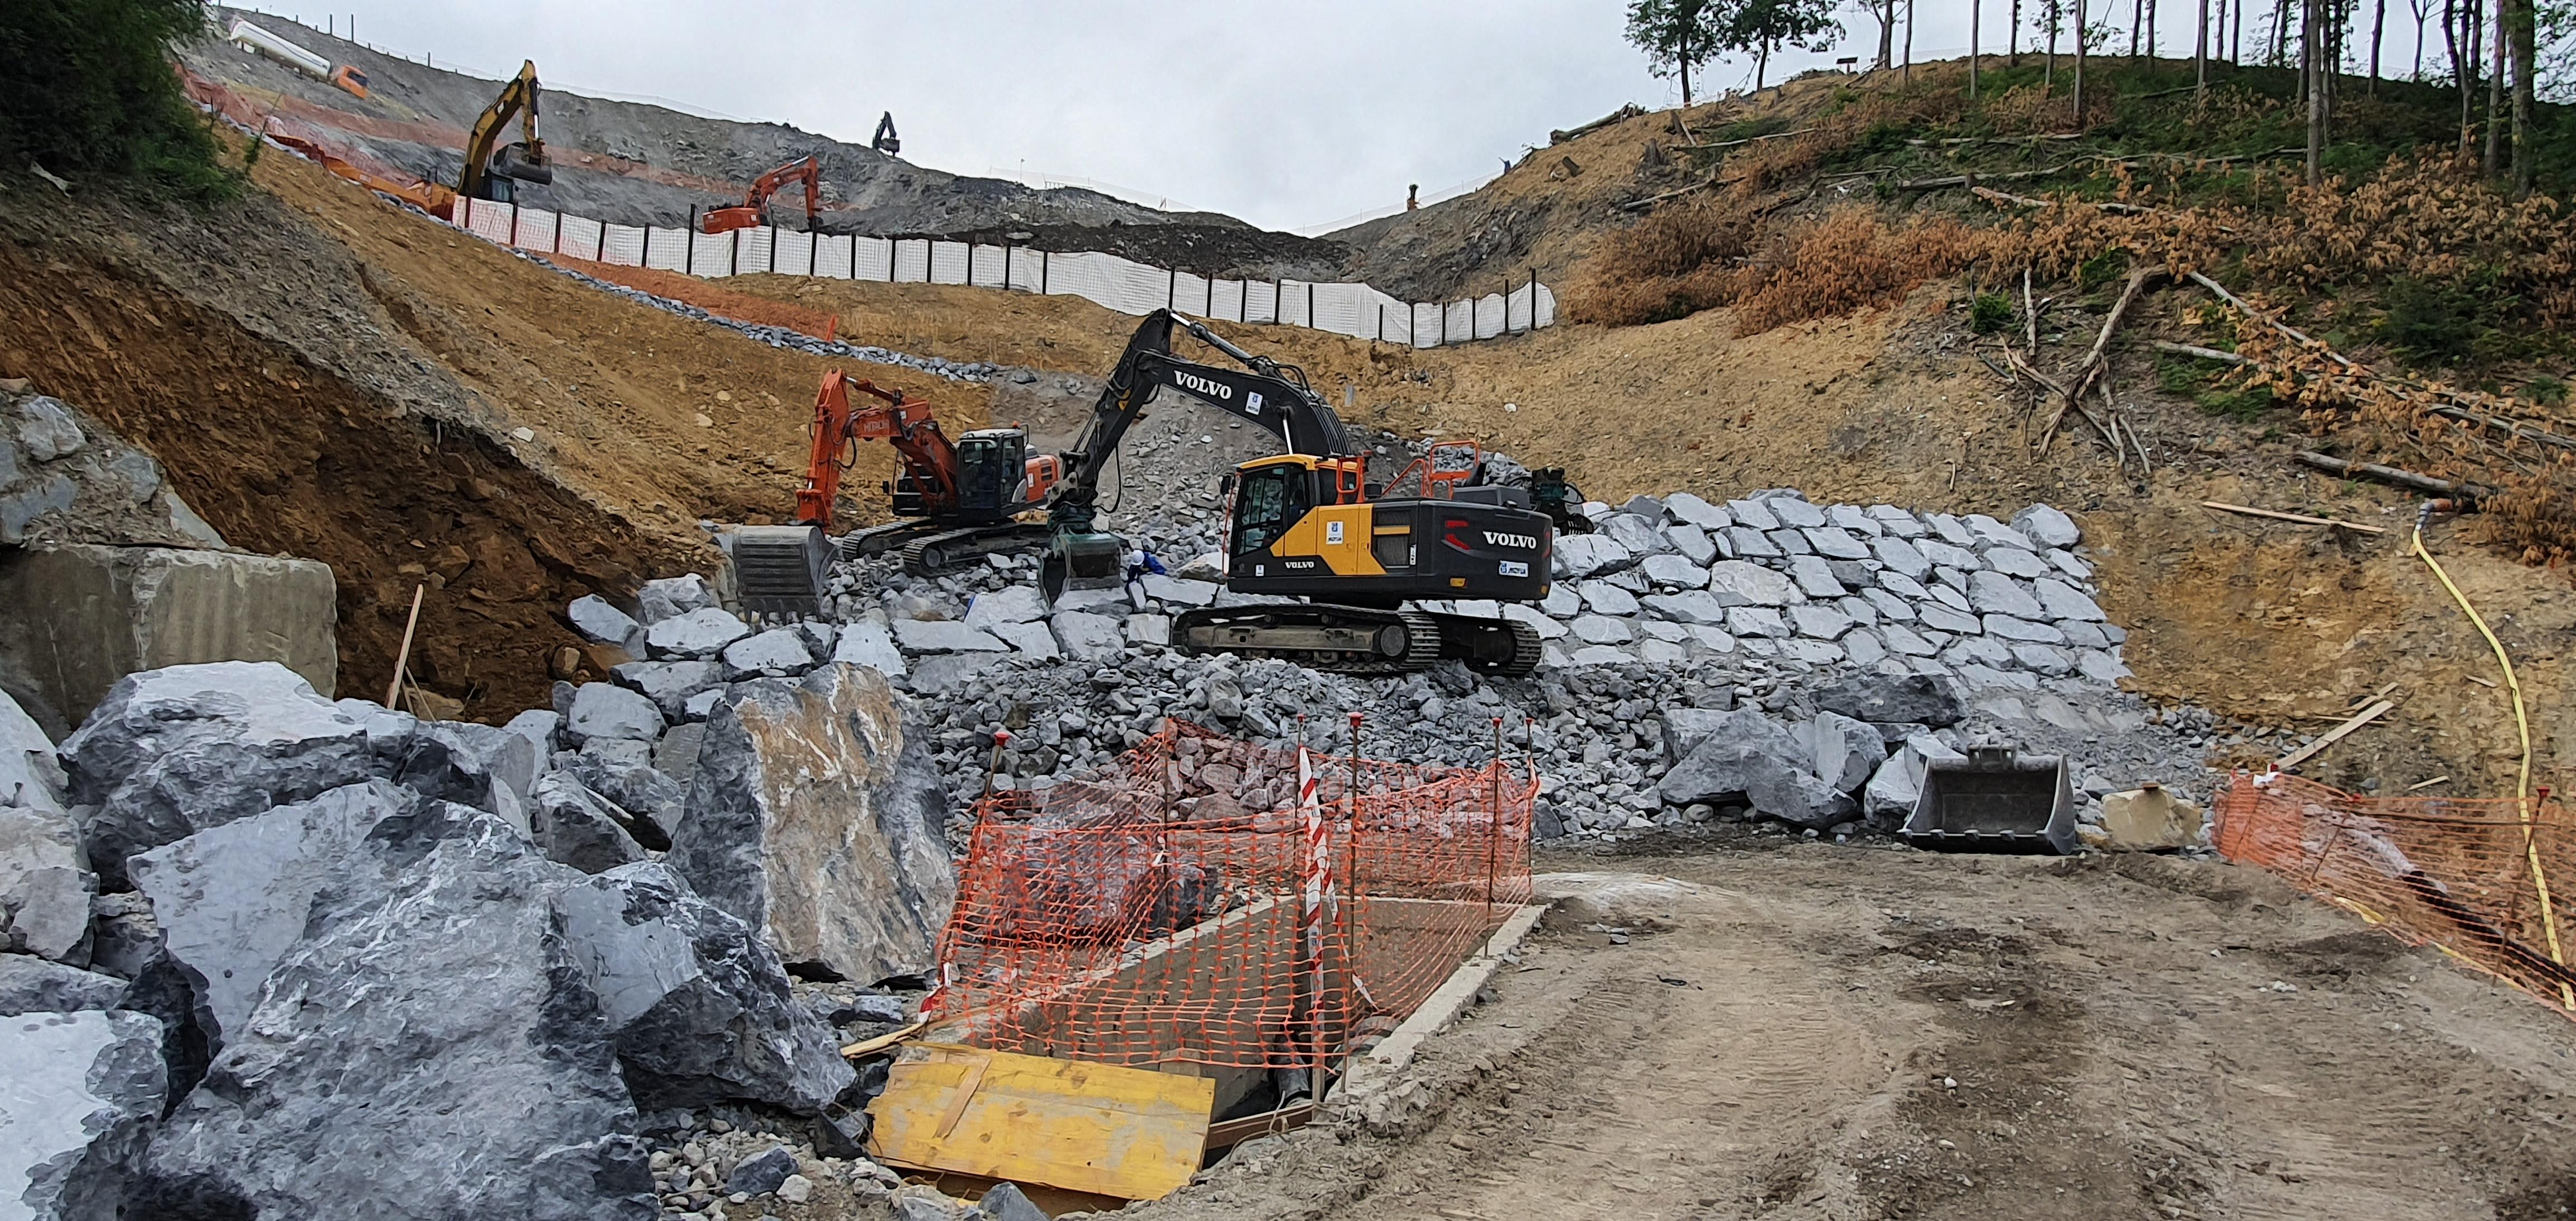 Medio Ambiente construye un dique en el vertedero de Zaldibar que permitirá reabrir los cuatro carriles de la AP-8  [2:40]